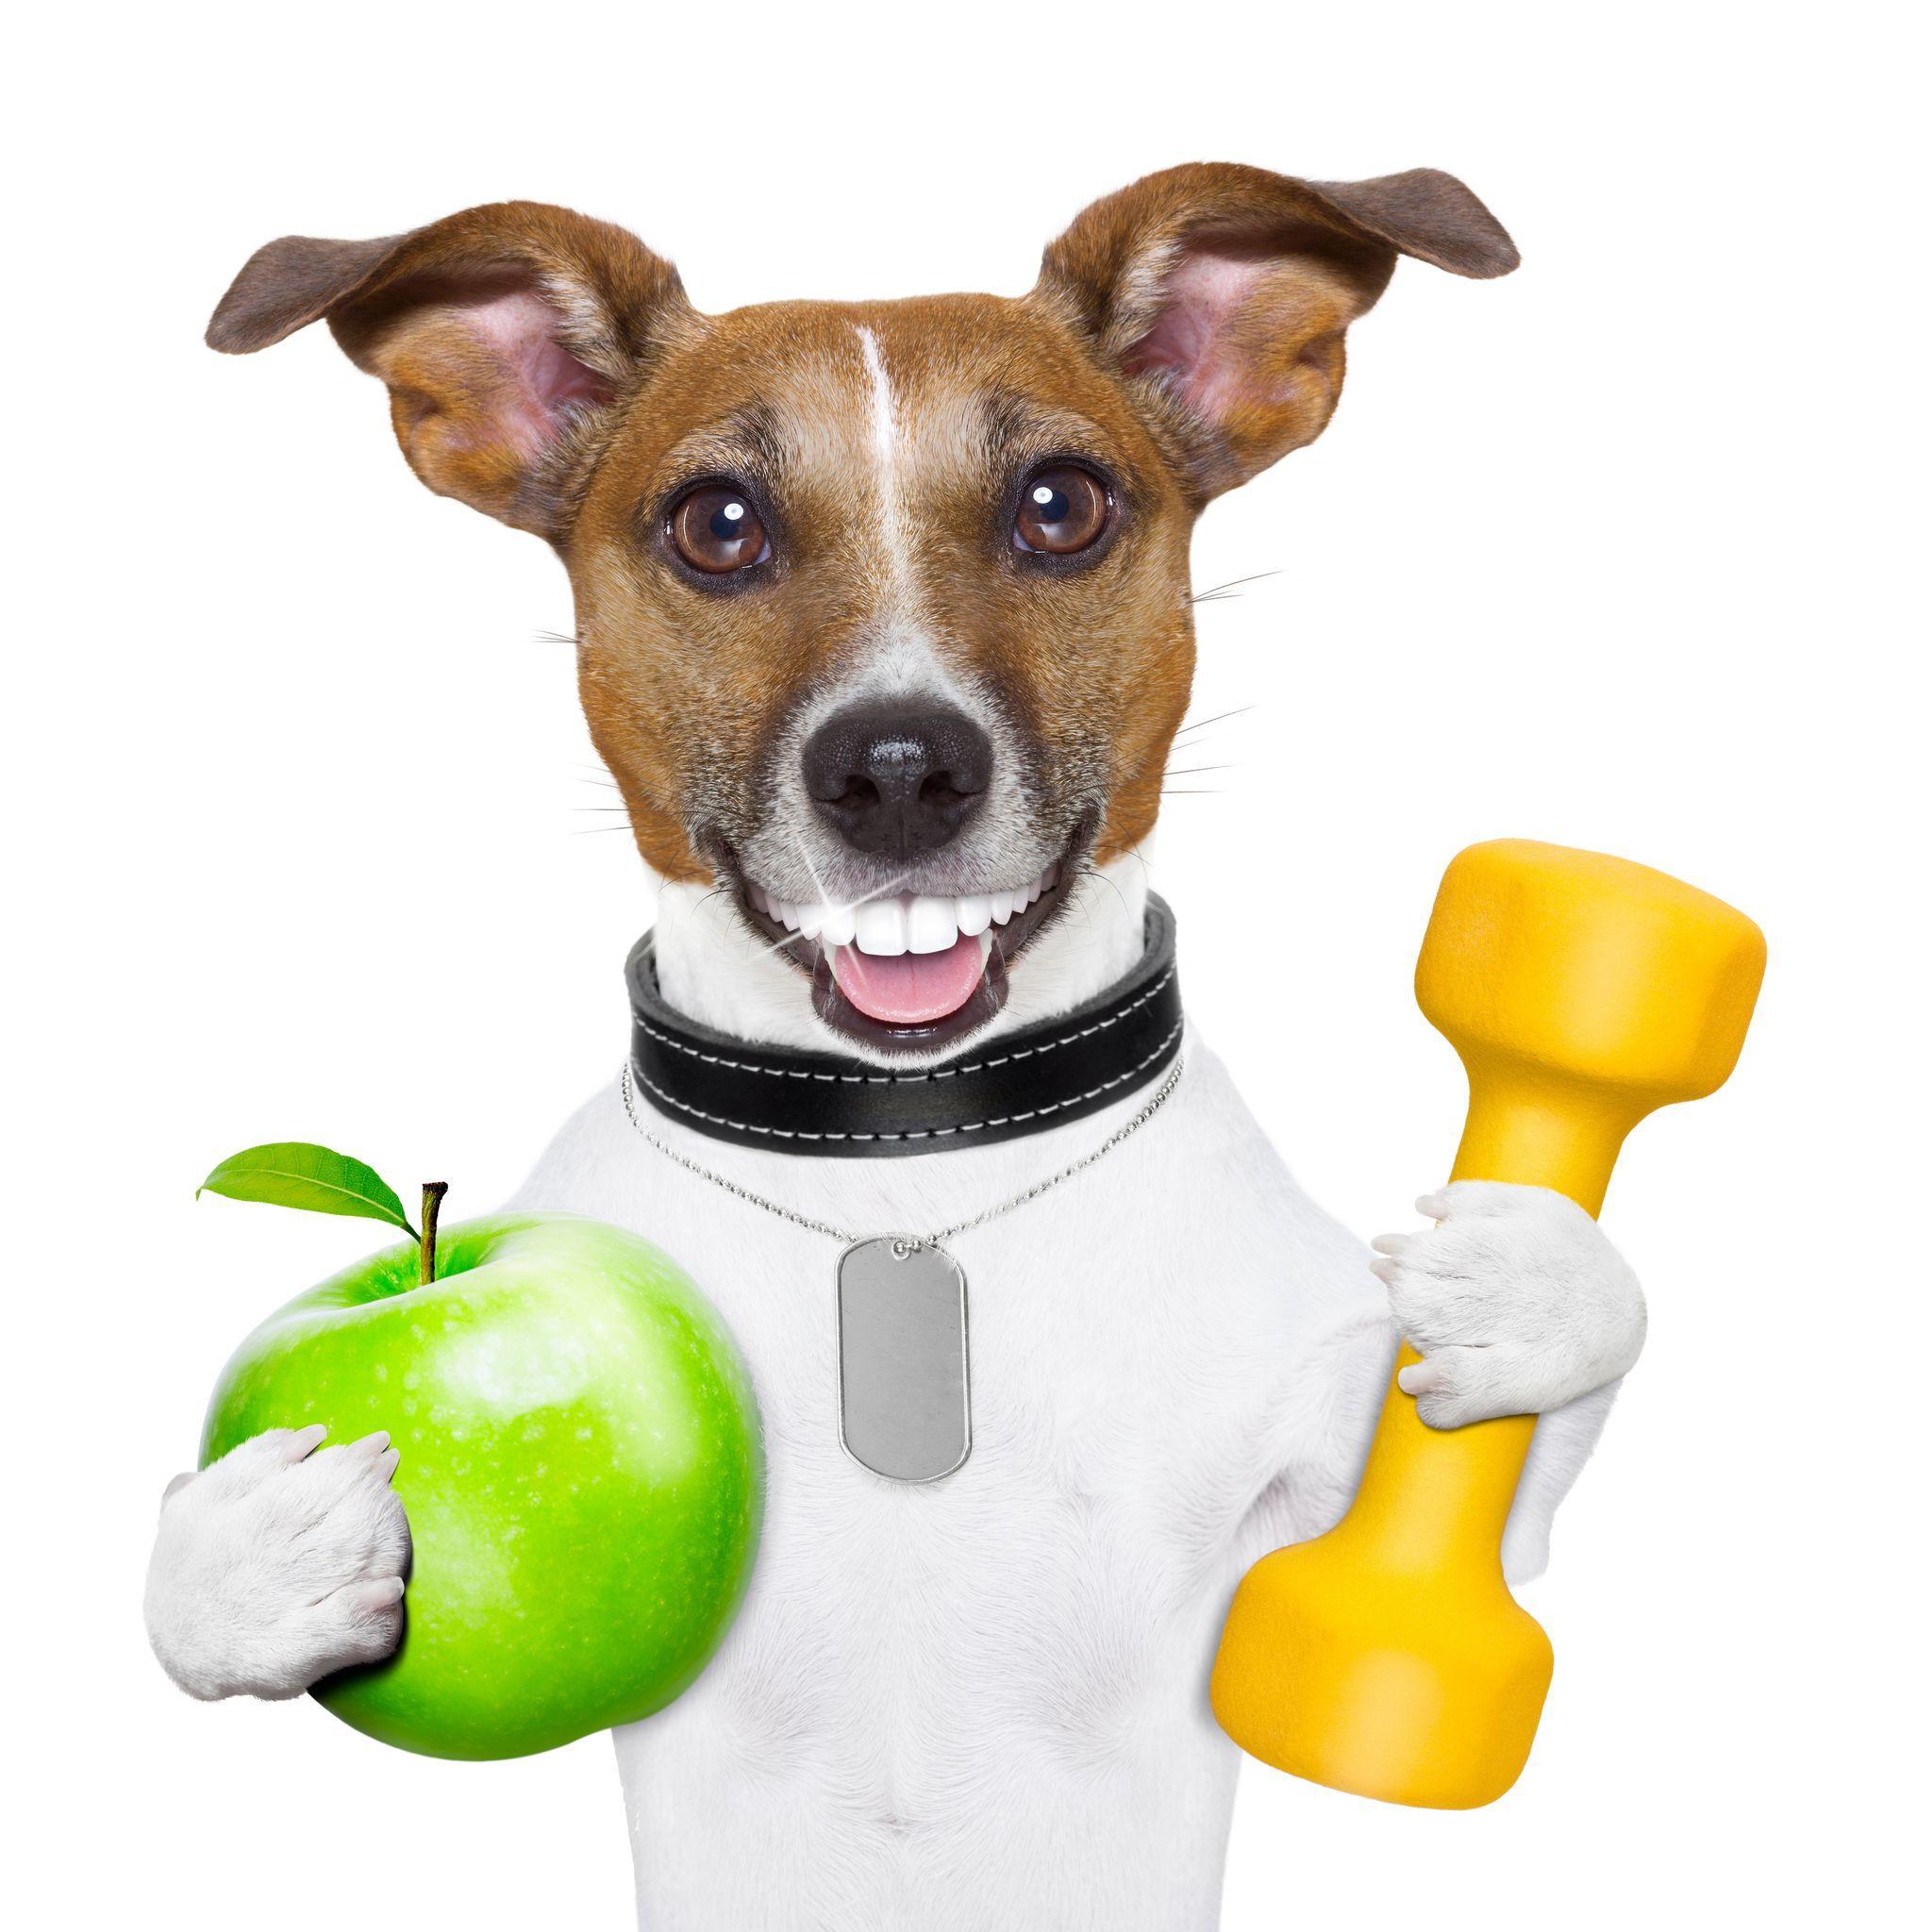 Pawz Dog Grooming